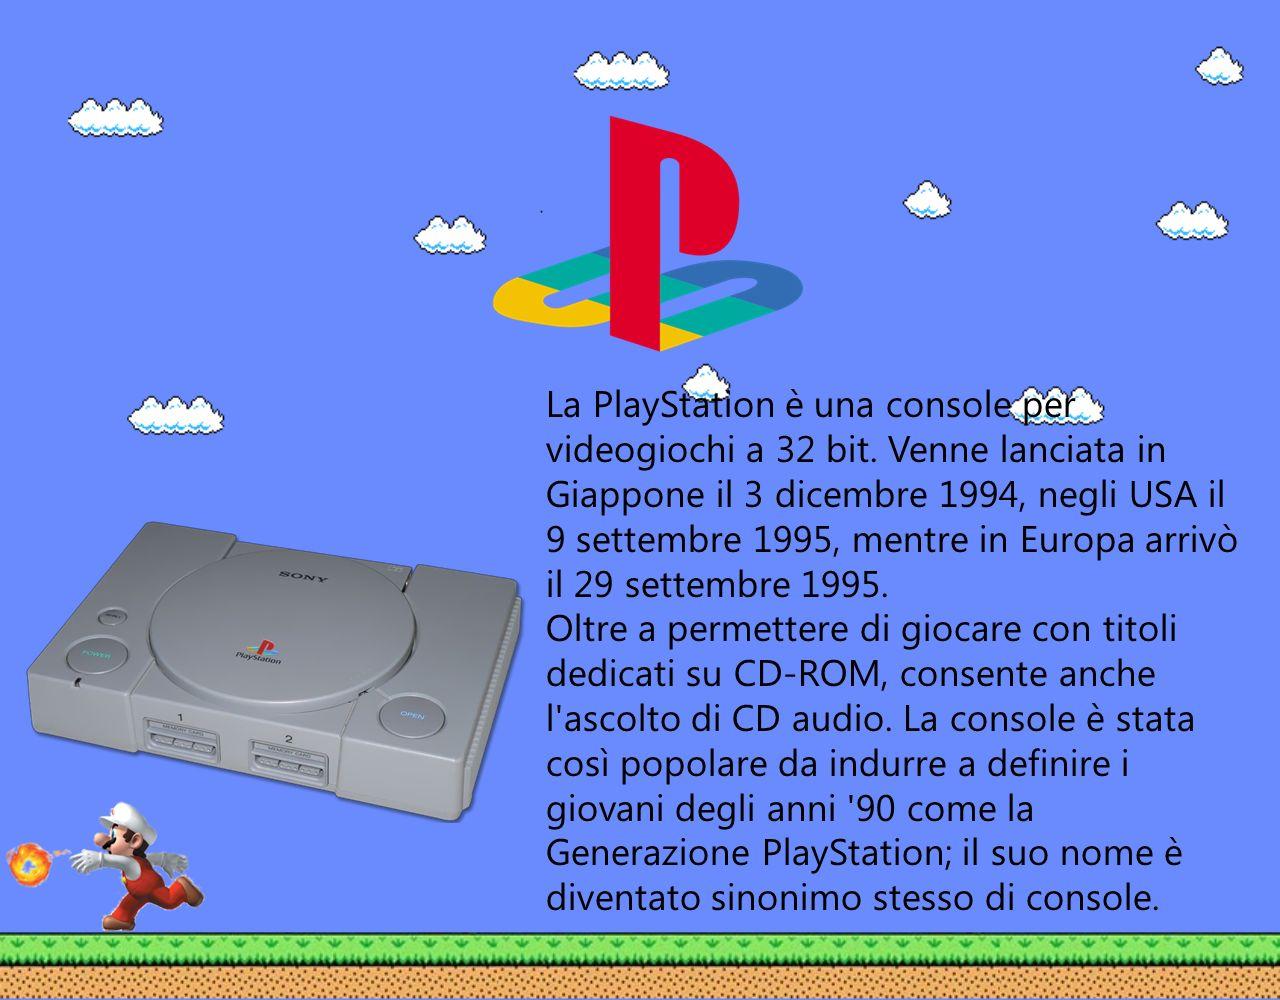 La PlayStation è una console per videogiochi a 32 bit